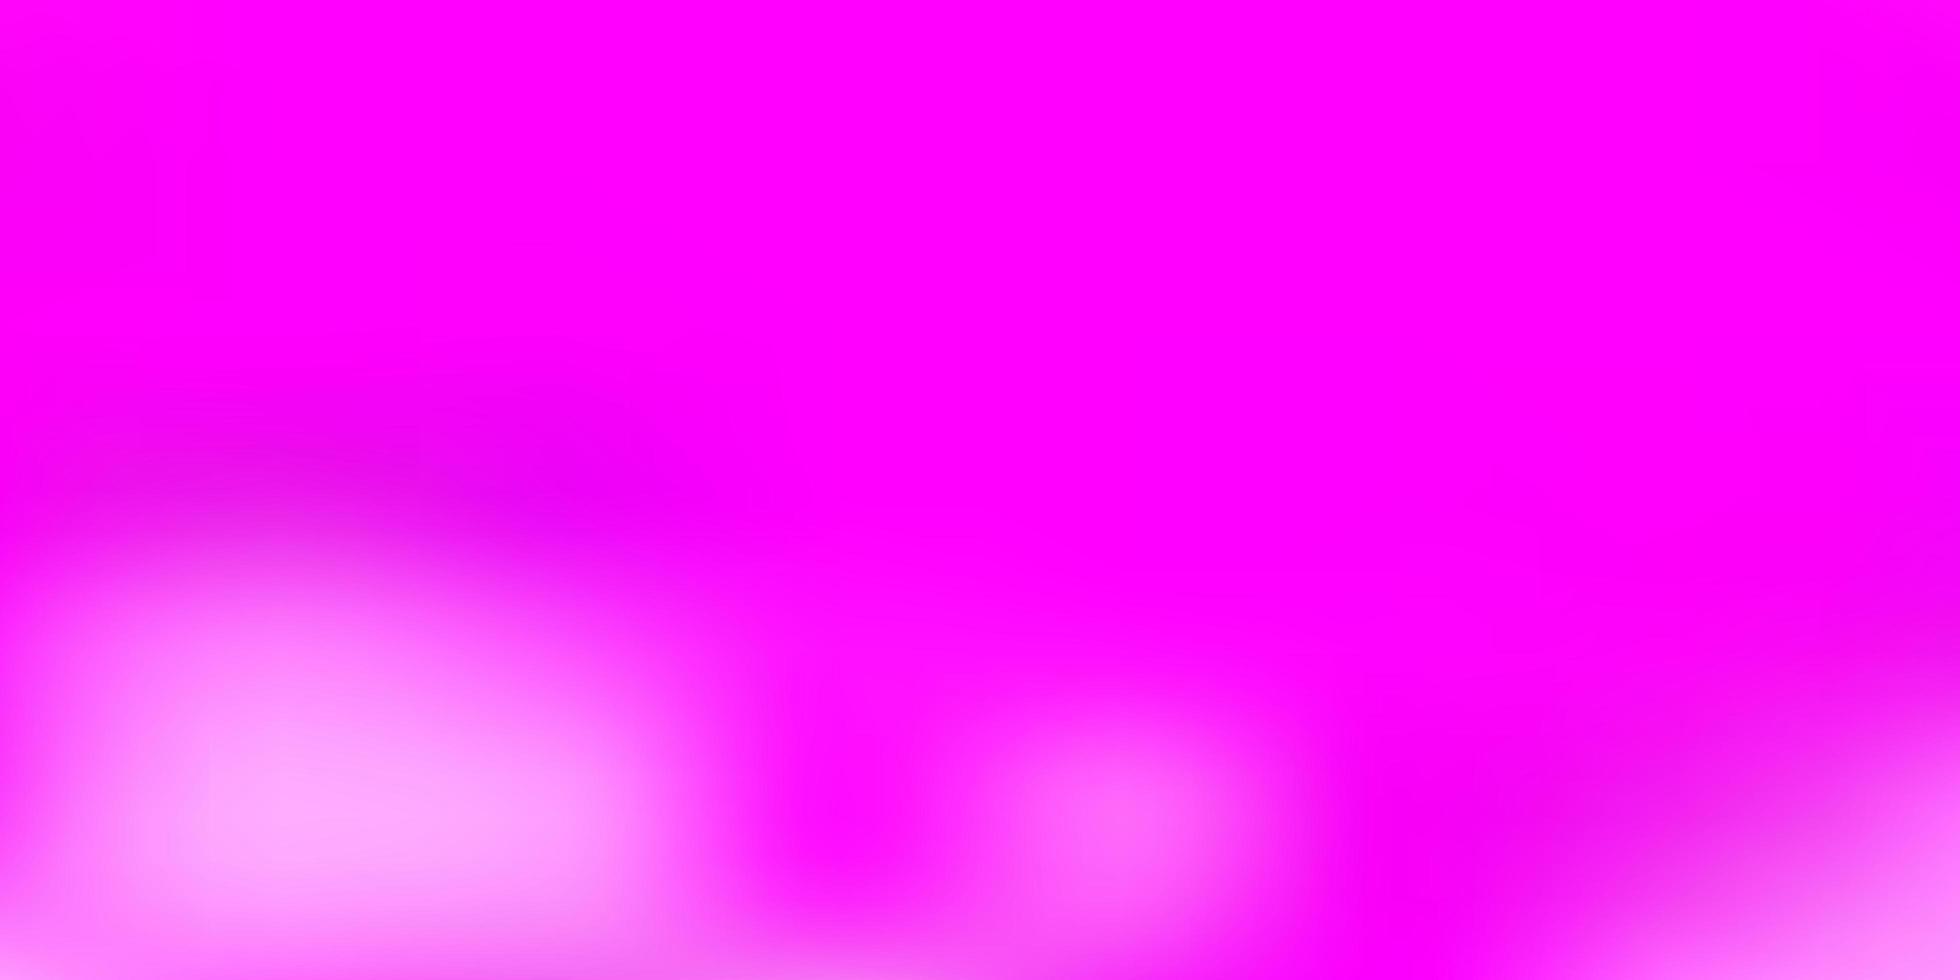 sfondo sfocato vettoriale rosa chiaro.